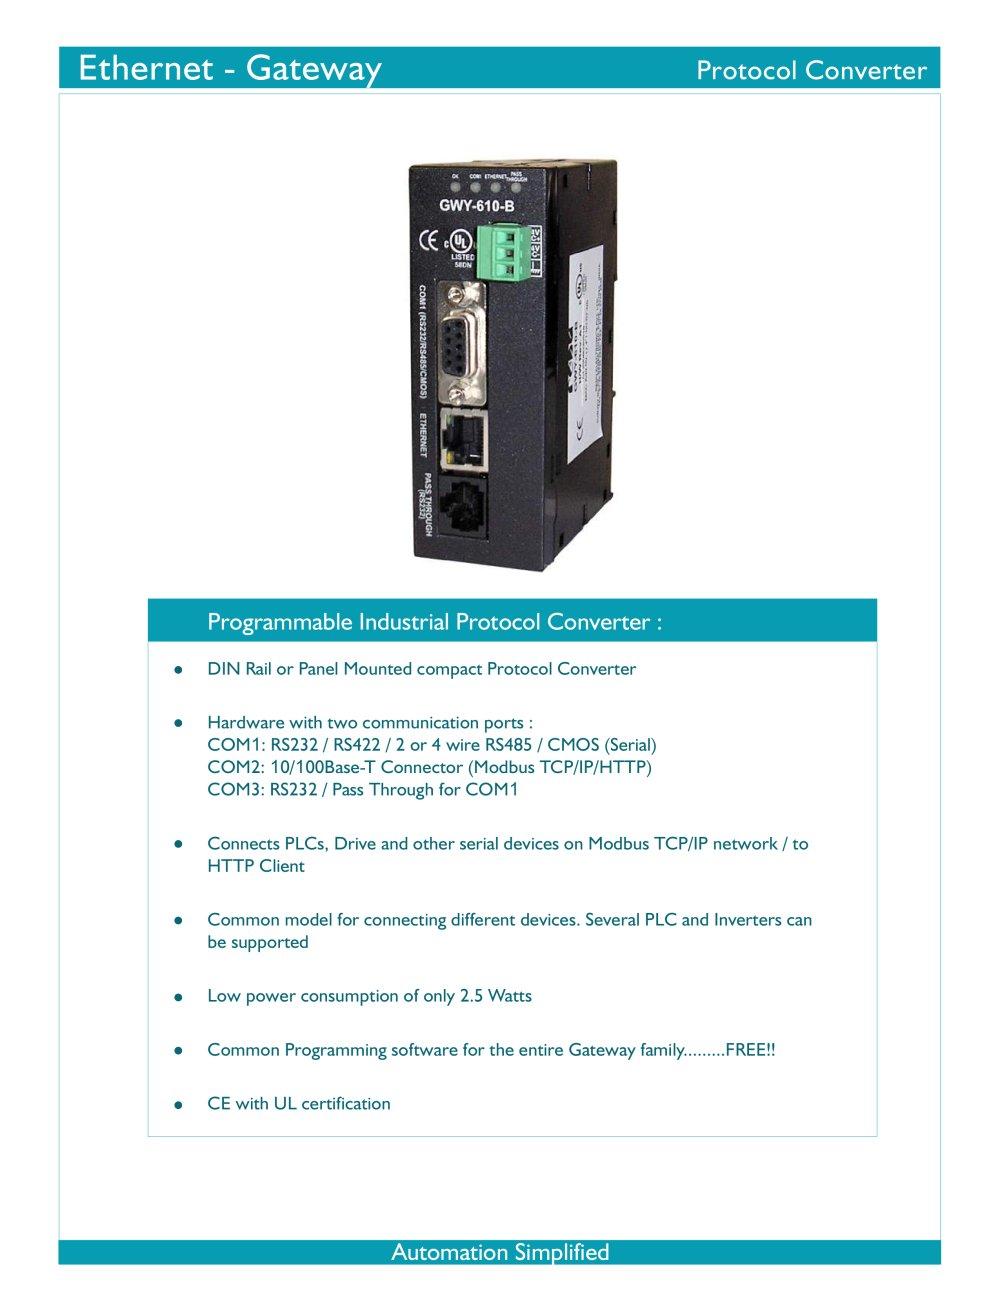 Ethernet Gateway Gwy 610 B Renu Electronics Pvt Ltd Pdf Modbus Rs232 Rs485 Wiring 1 4 Pages